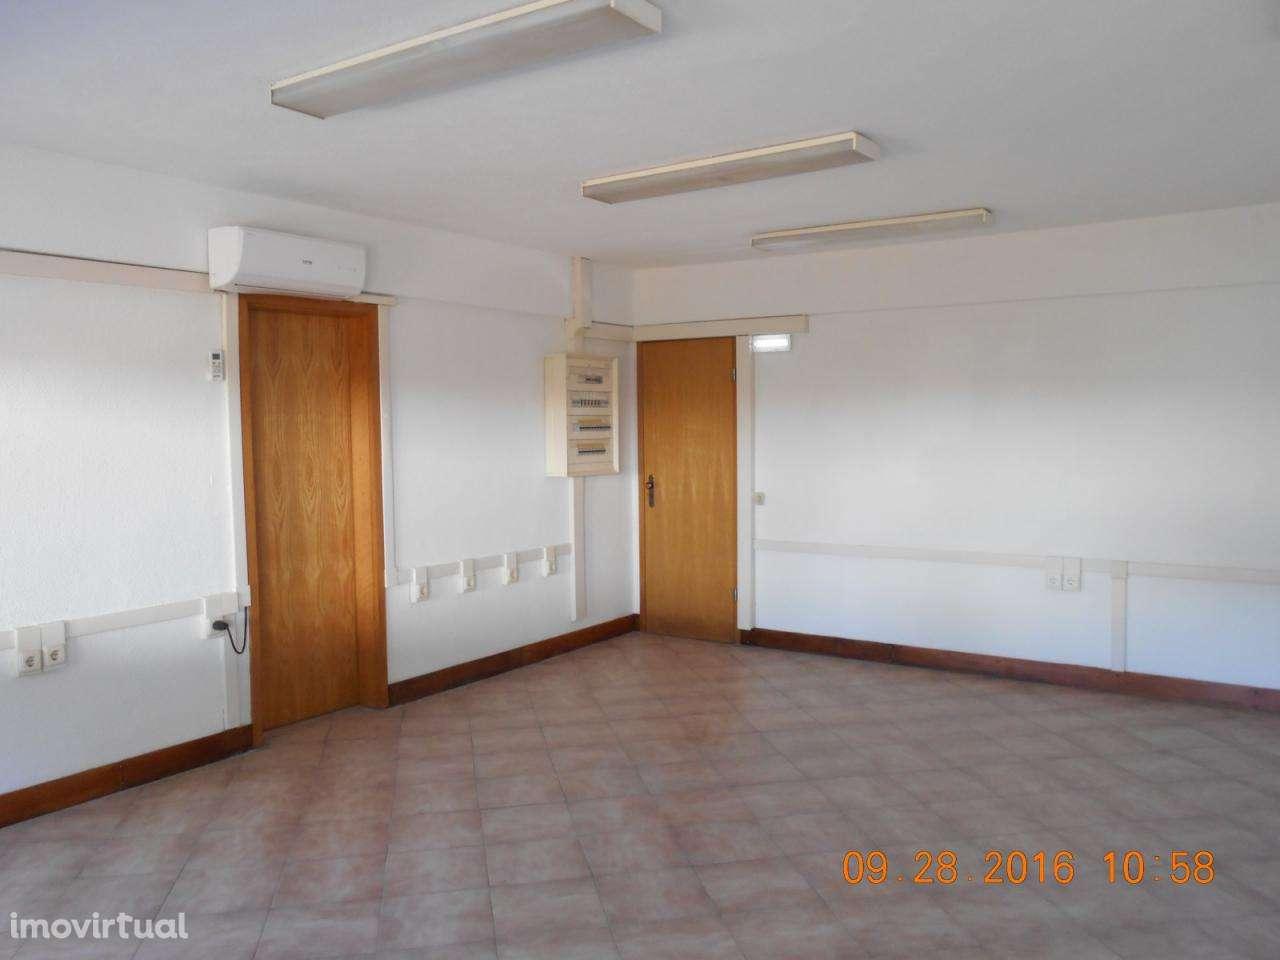 Escritório para arrendar, Sado, Setúbal - Foto 11